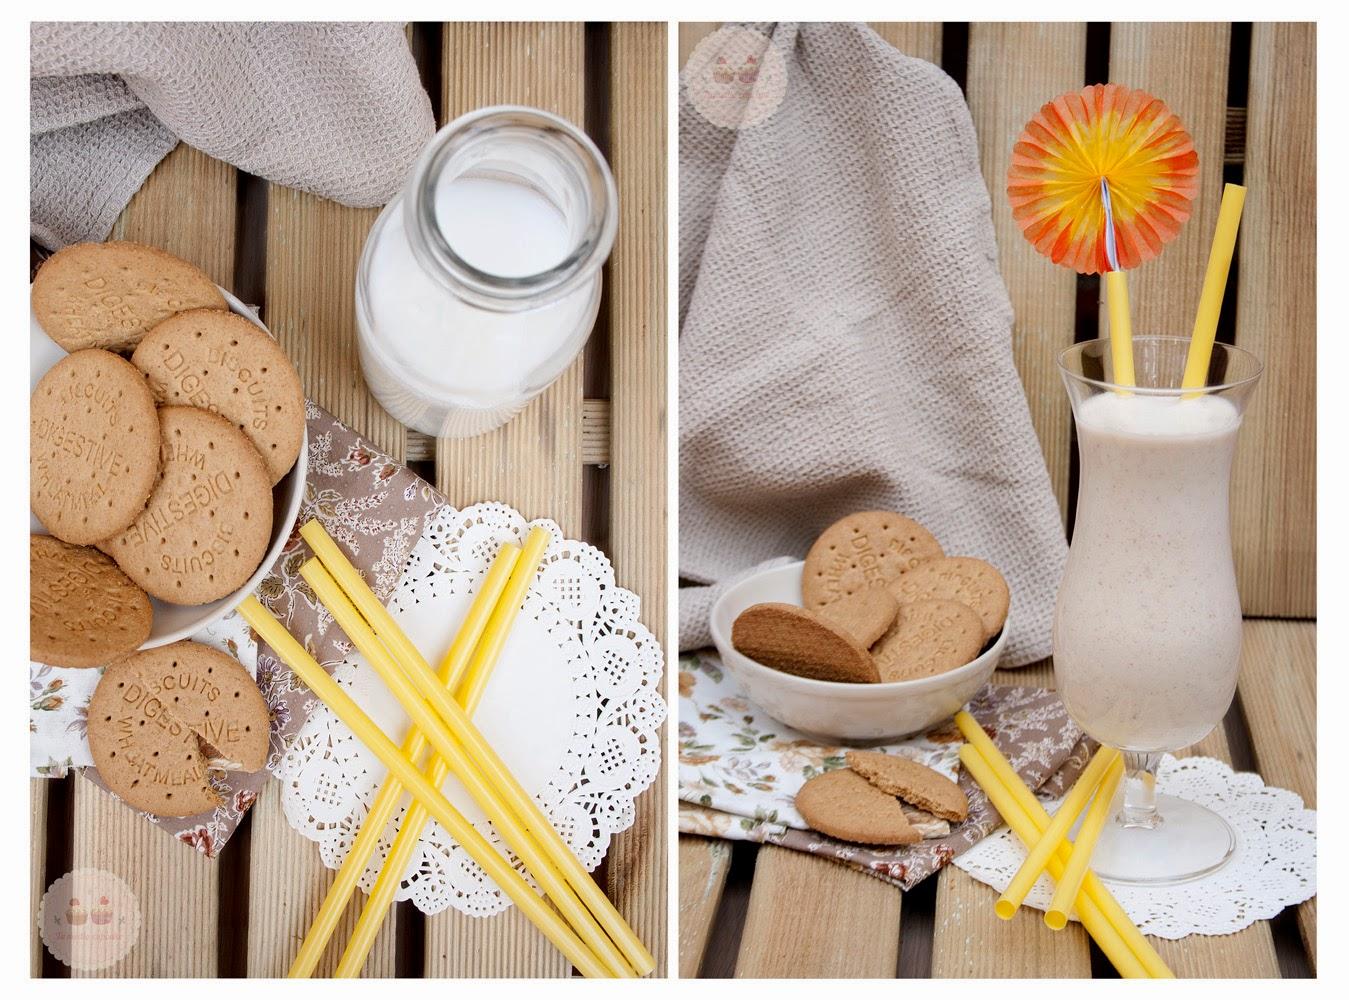 http://www.tumediocupcake.blogspot.com.es/2014/09/receta-smoothie-sano-de-naranja-y-galletas-digestive.html